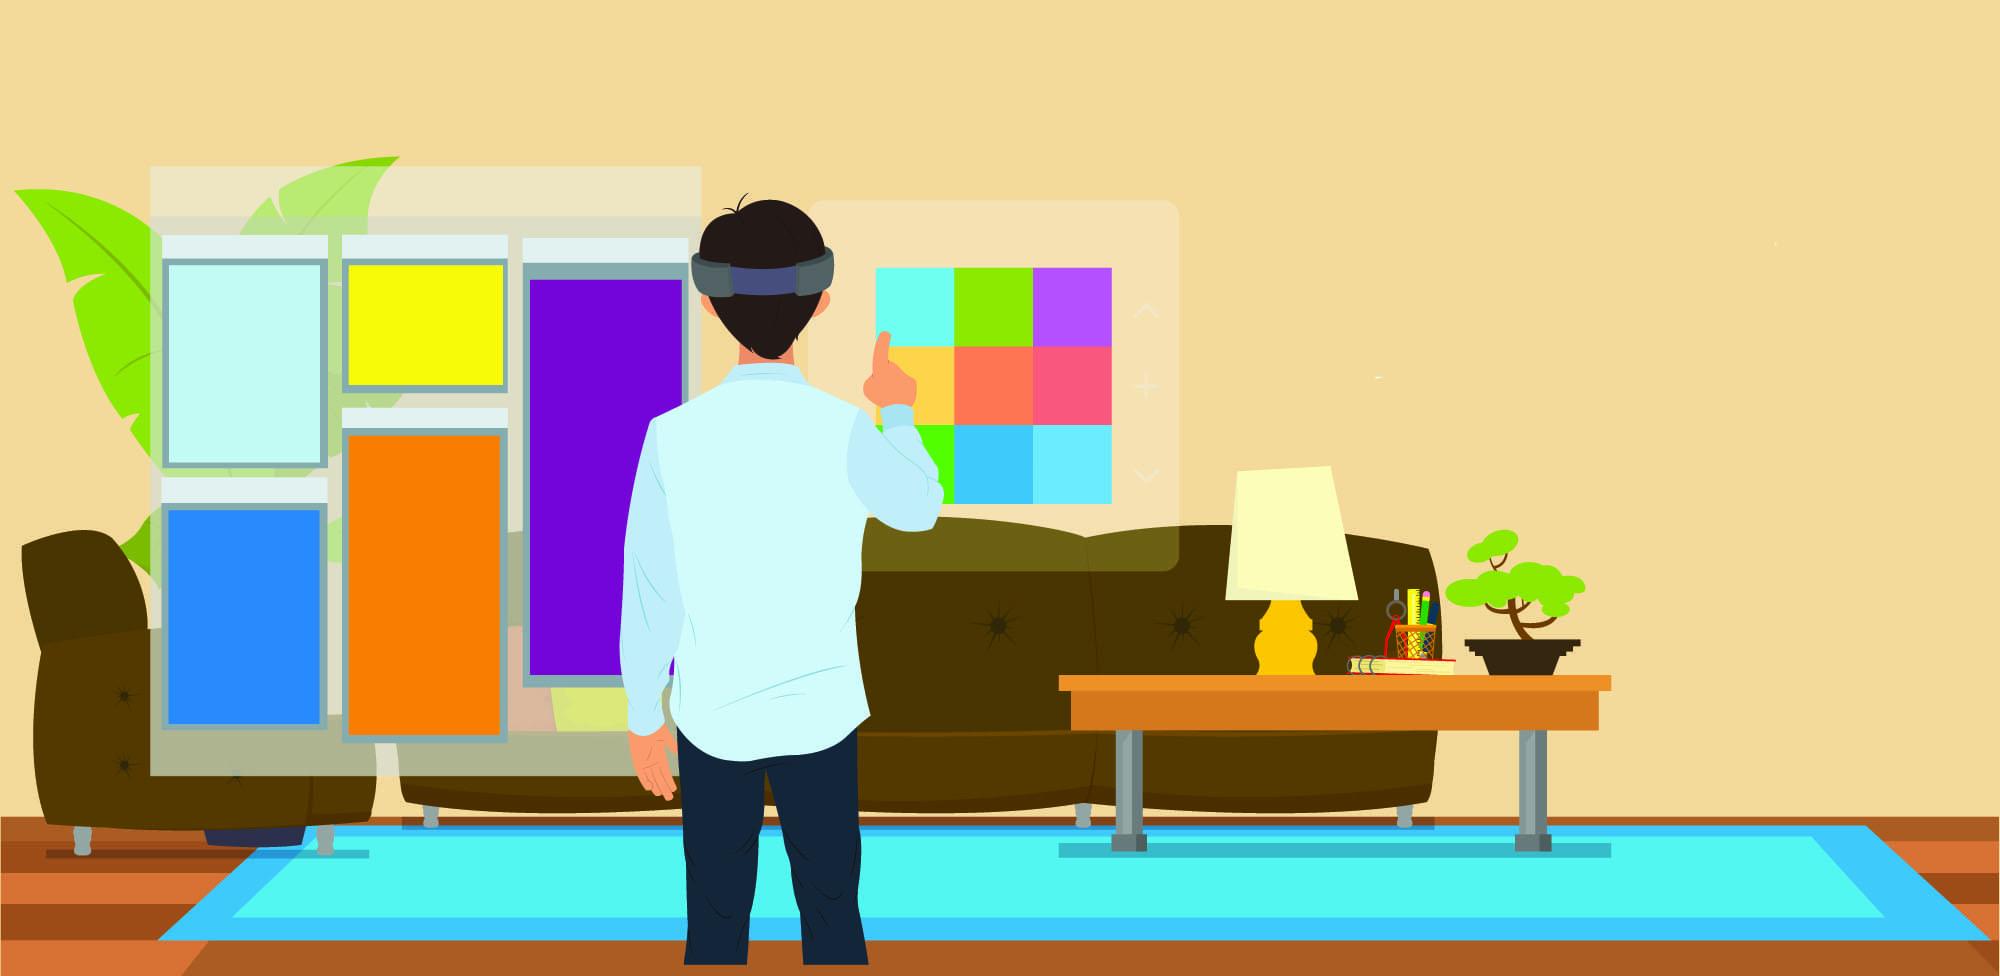 Os designers já vão pensar nas interações para realidade virtual